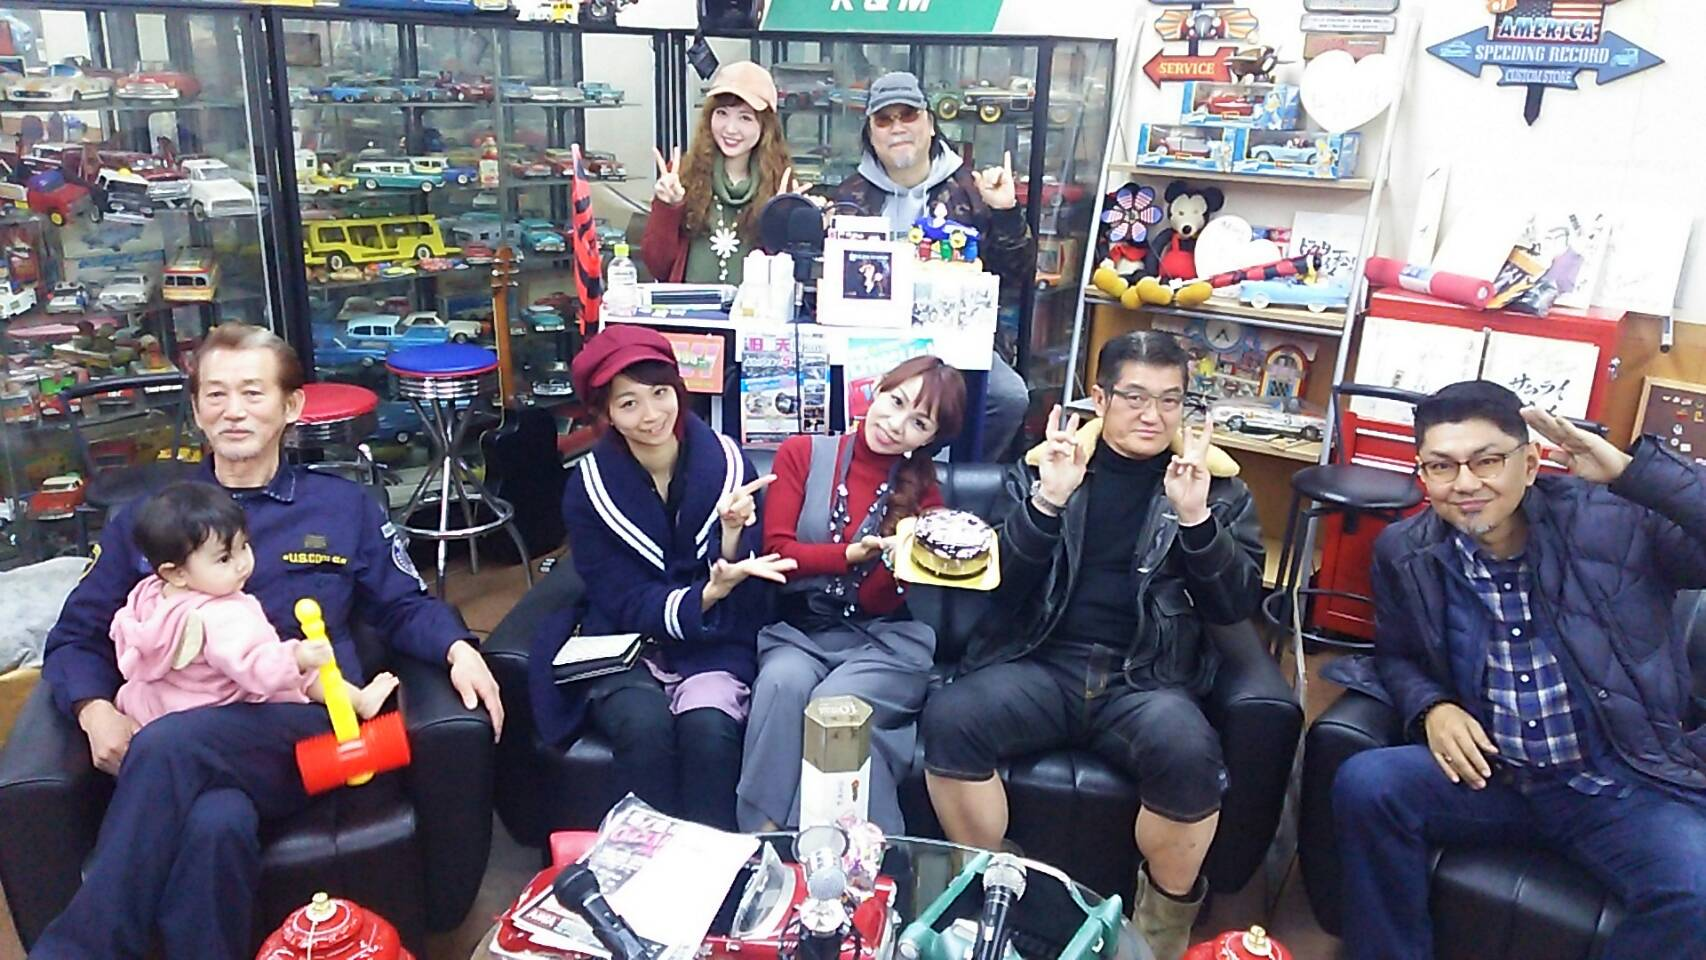 『湾岸ベース』#321(2018年2月15日放送分)